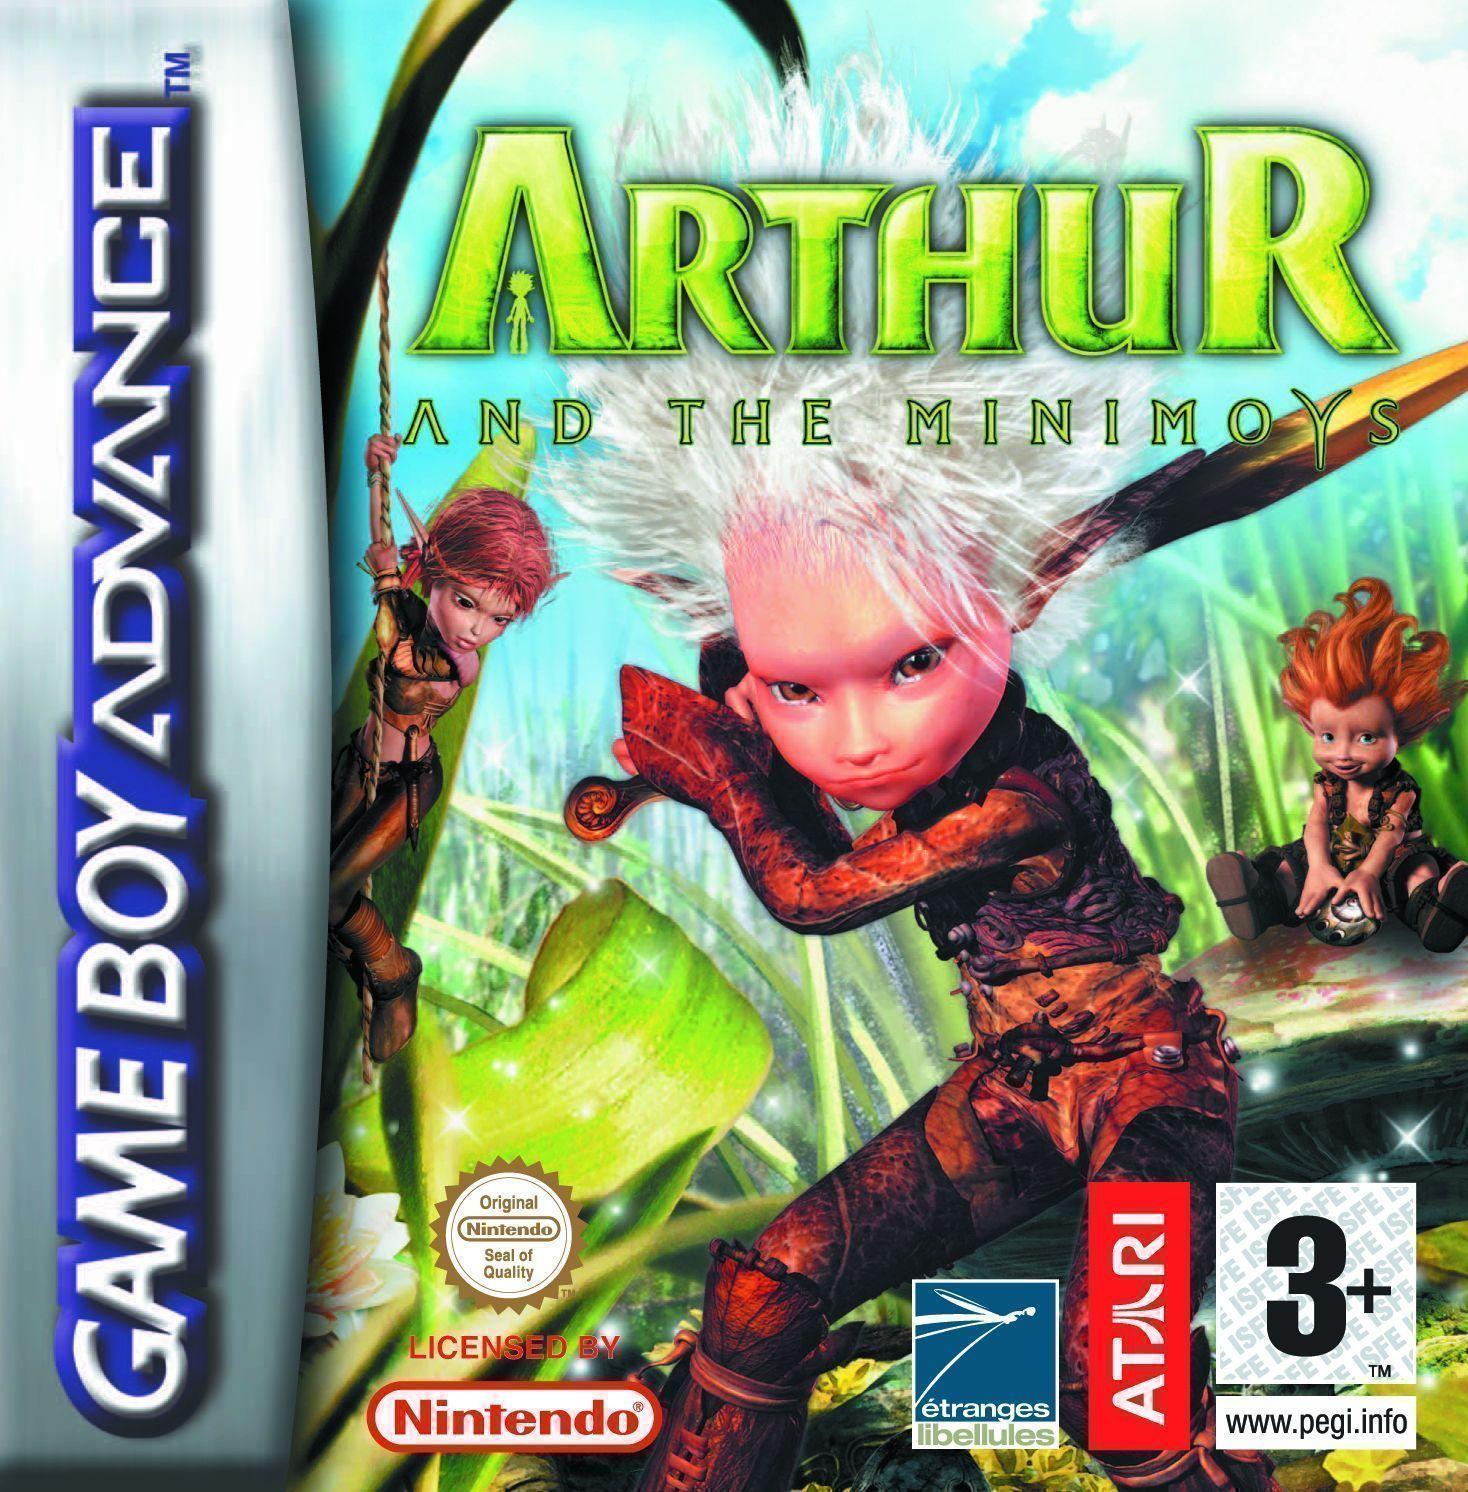 Arthur And The Minimoys GBA